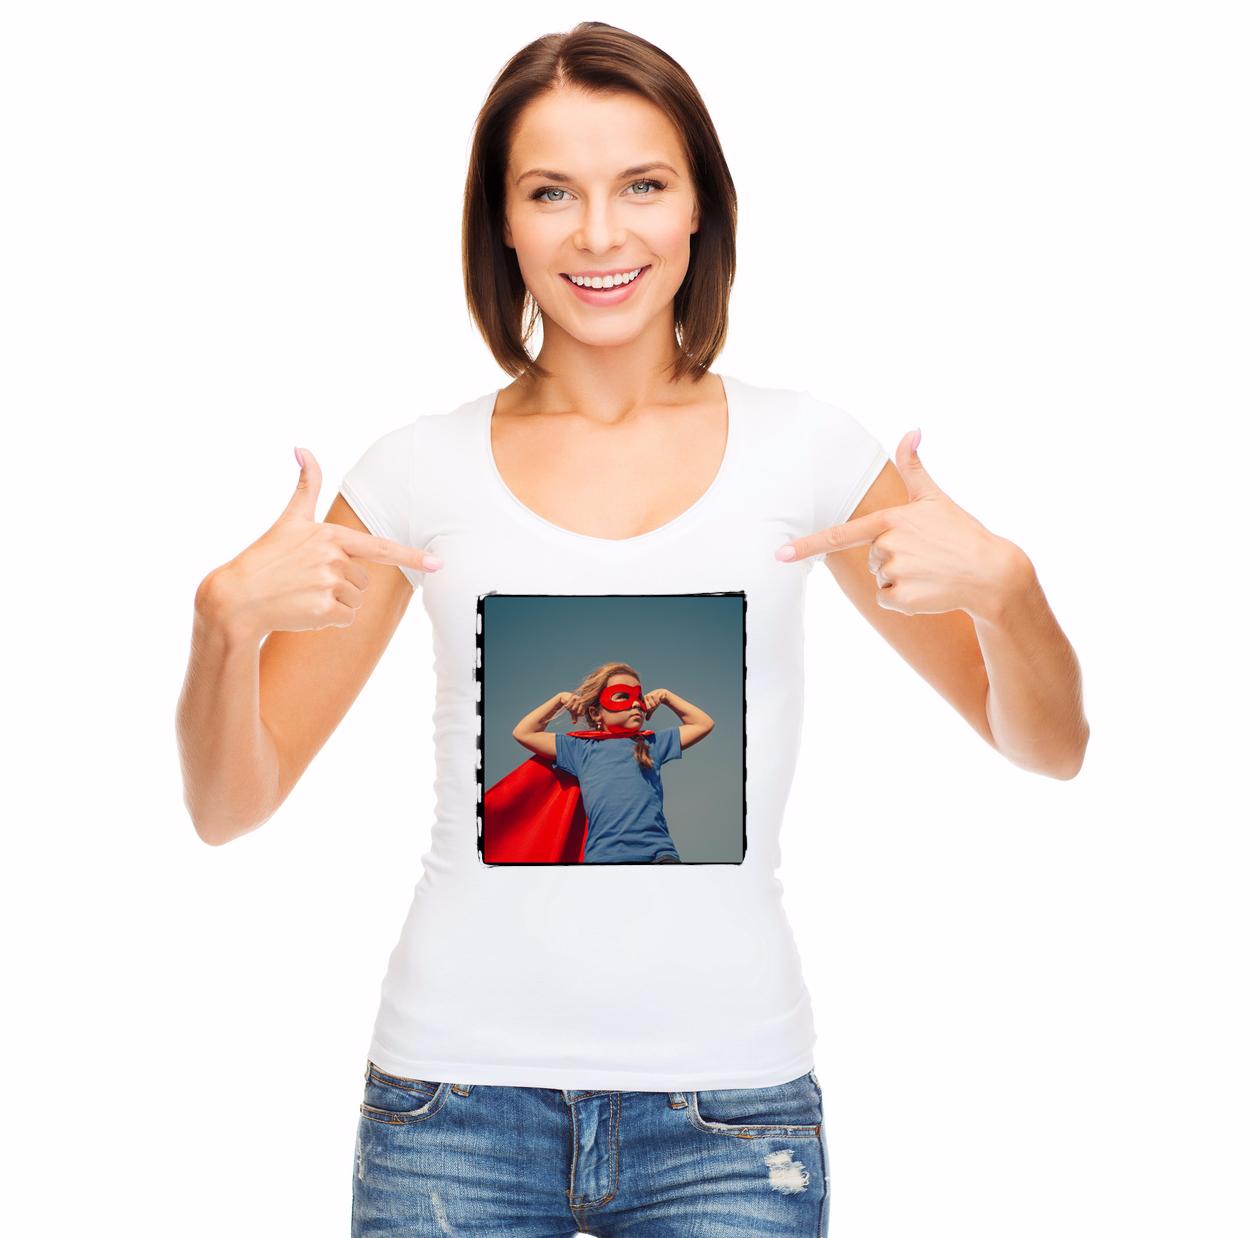 camiseta  chica con tu fotos